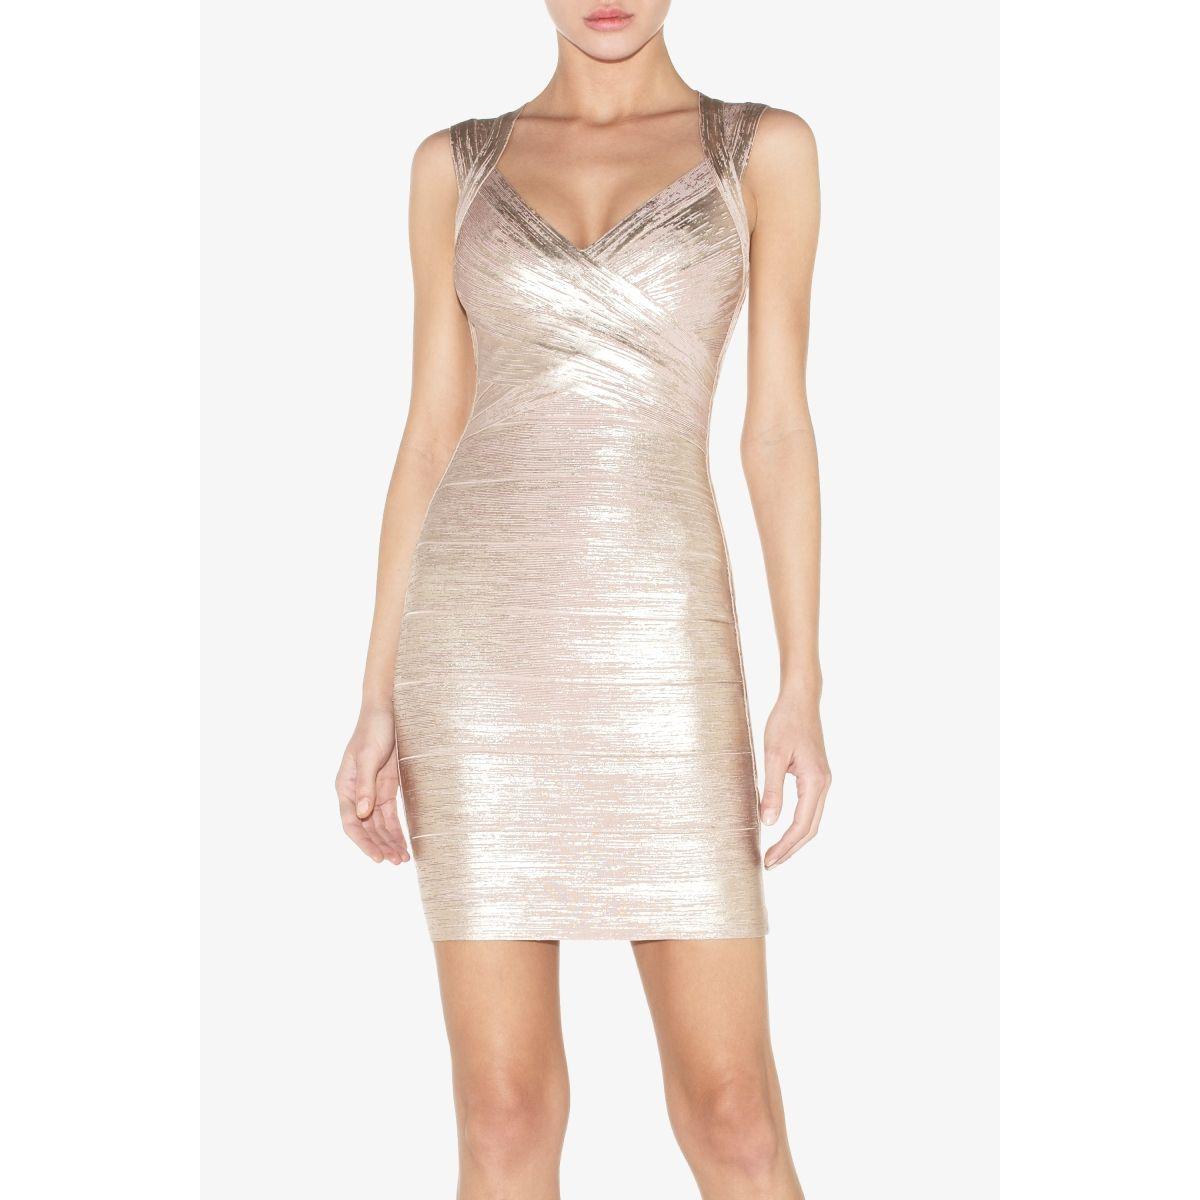 Herve leger iman foil bandage dress dresses pinterest herve